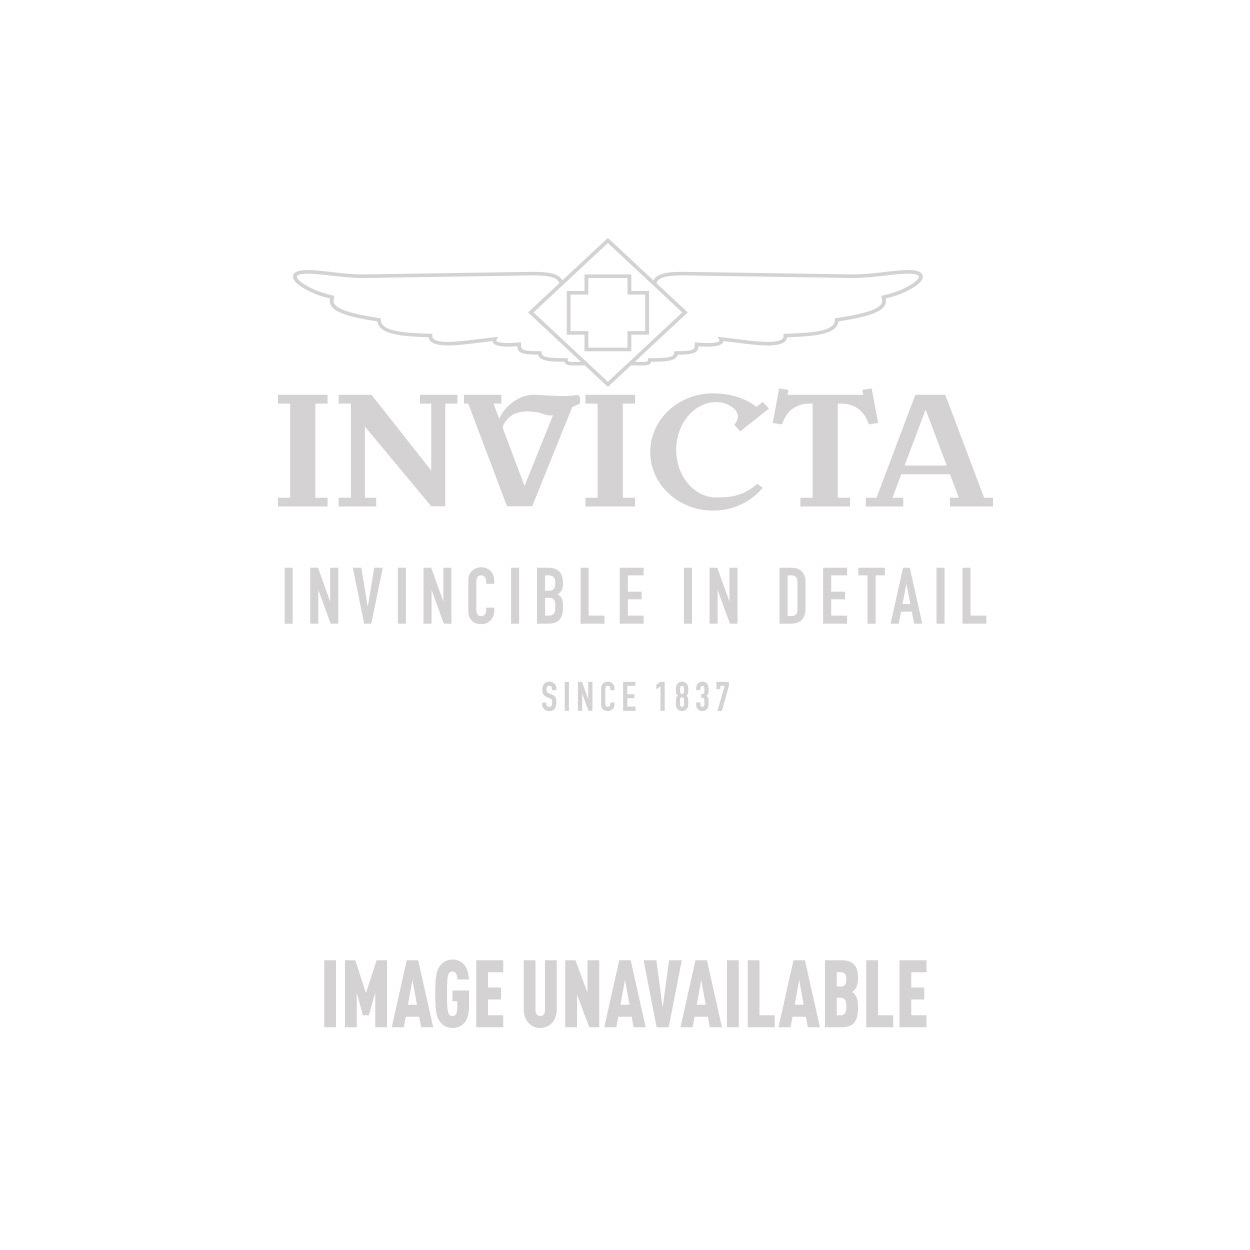 Invicta Model 26909